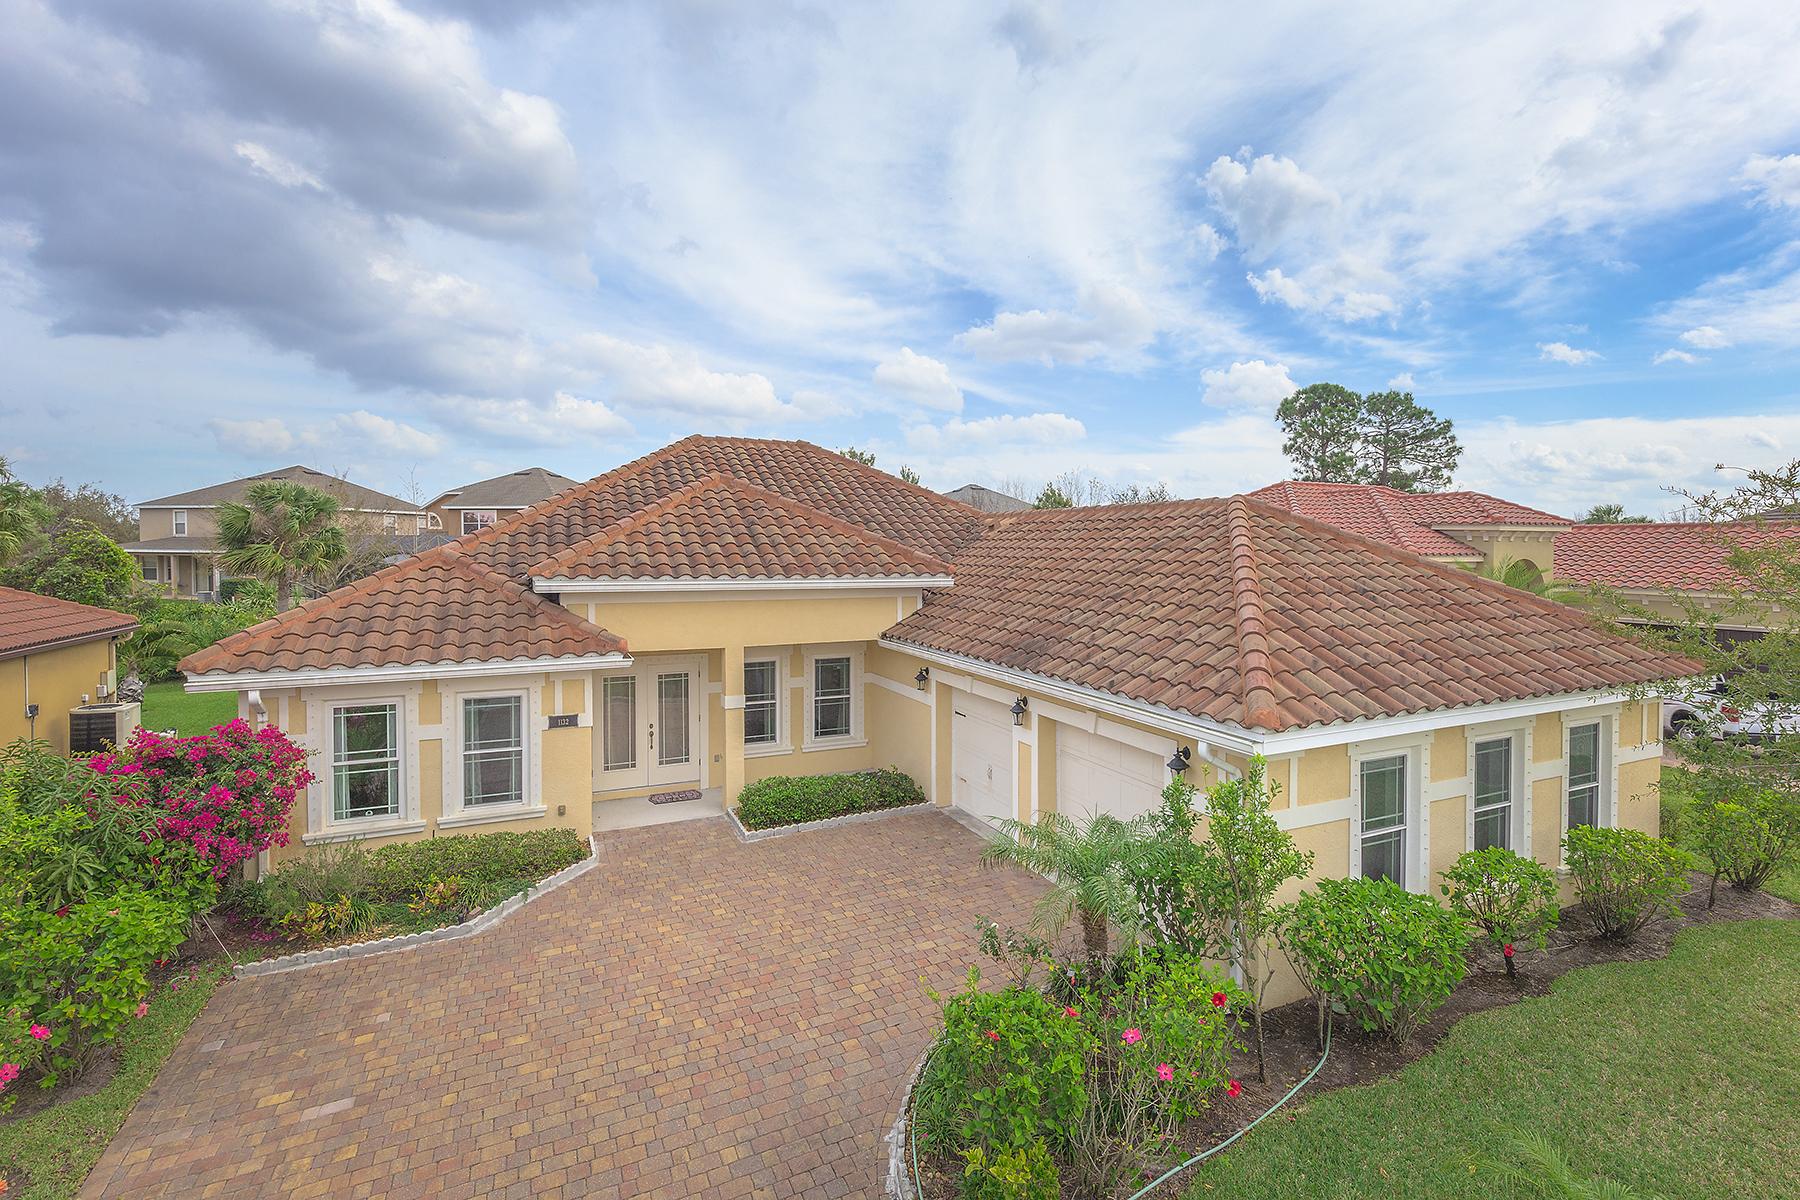 Maison unifamiliale pour l Vente à MELBOURNE 1132 Tralee Bay Ave Melbourne, Florida, 32940 États-Unis